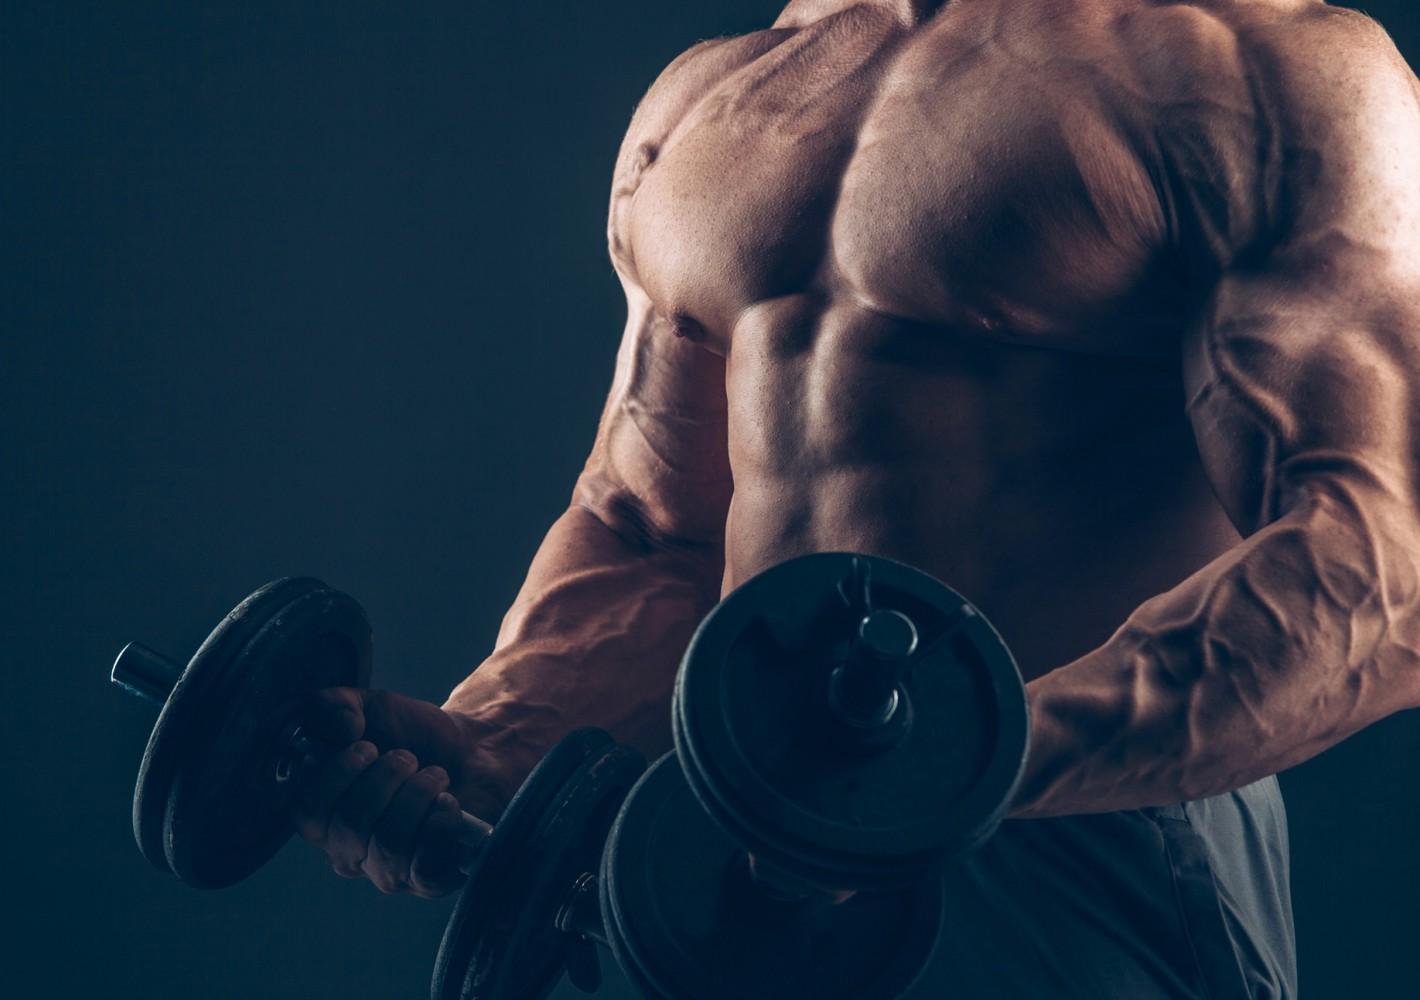 4-jakoinen lihasmassan kasvatusohjelma